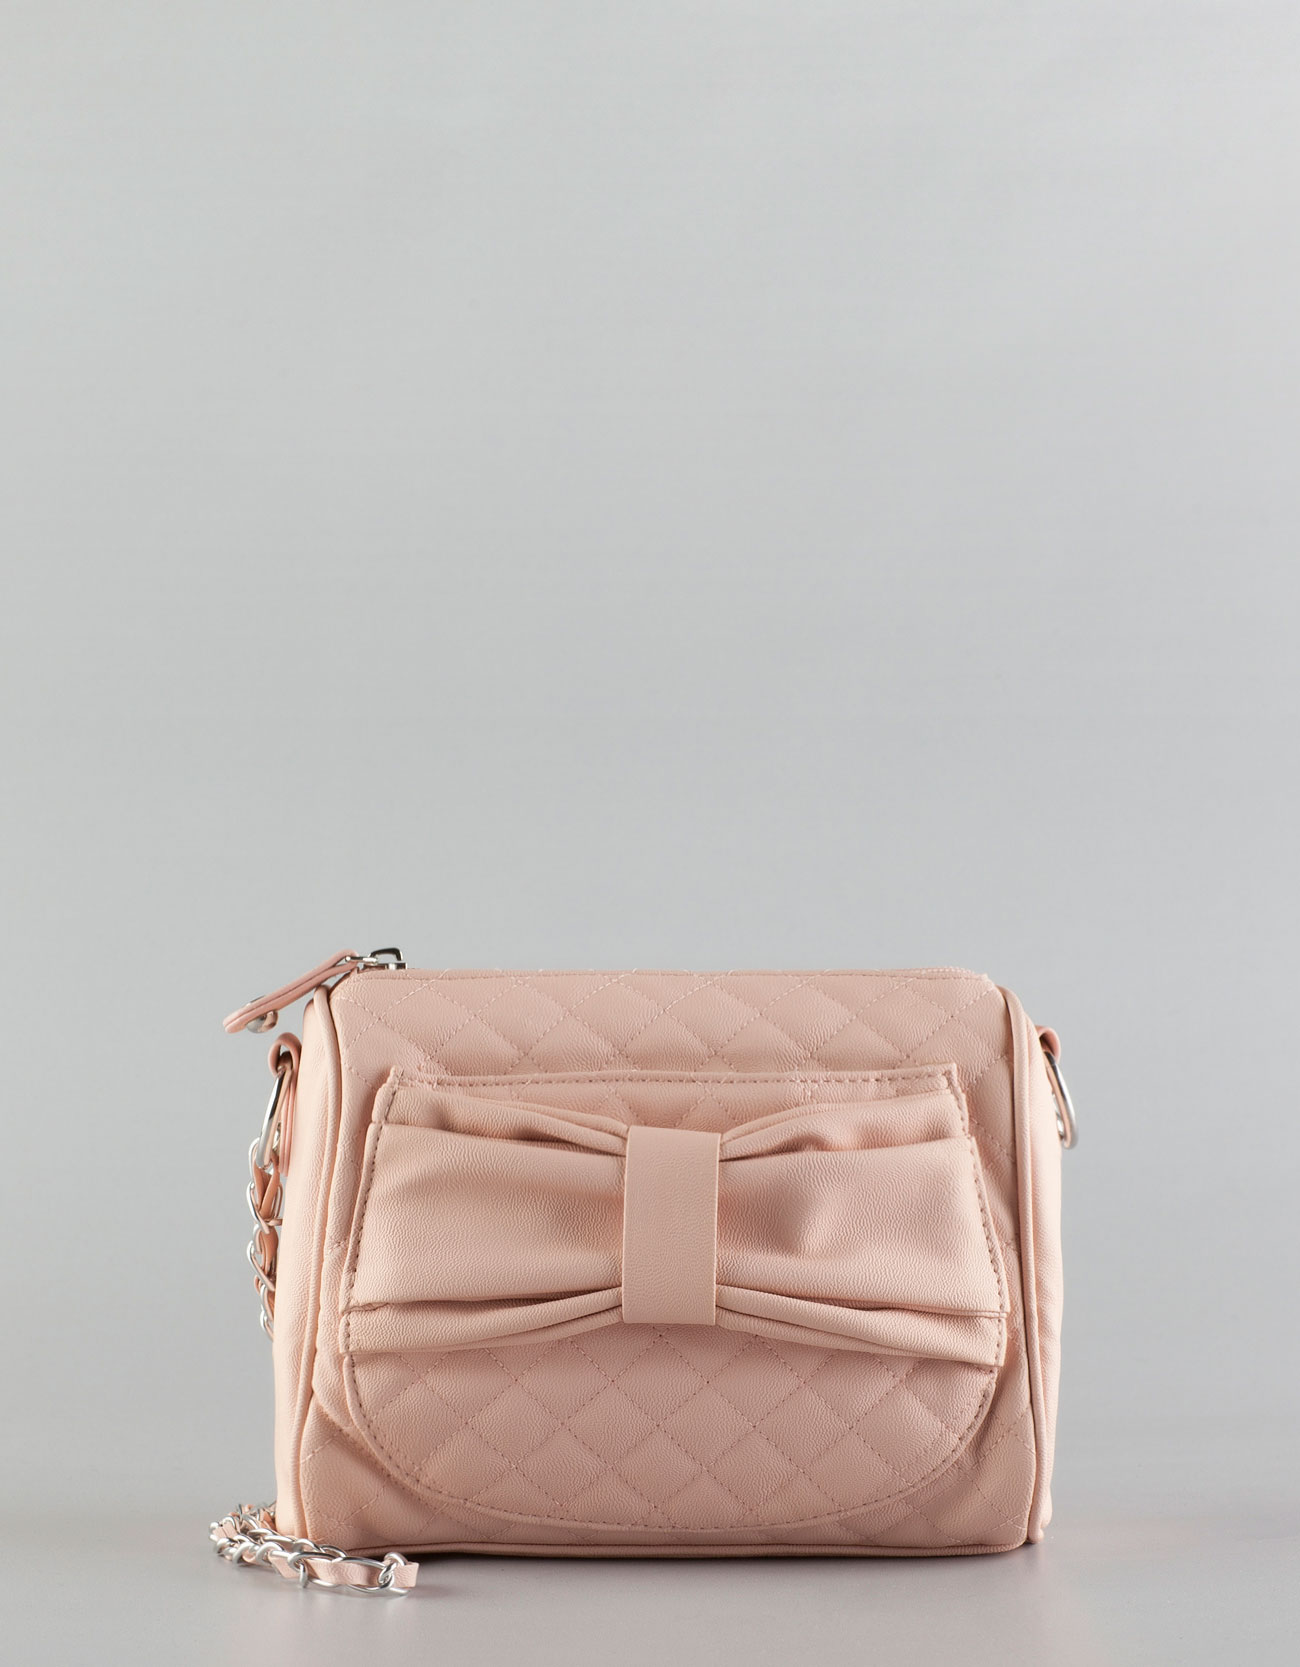 kremowa torebka Bershka